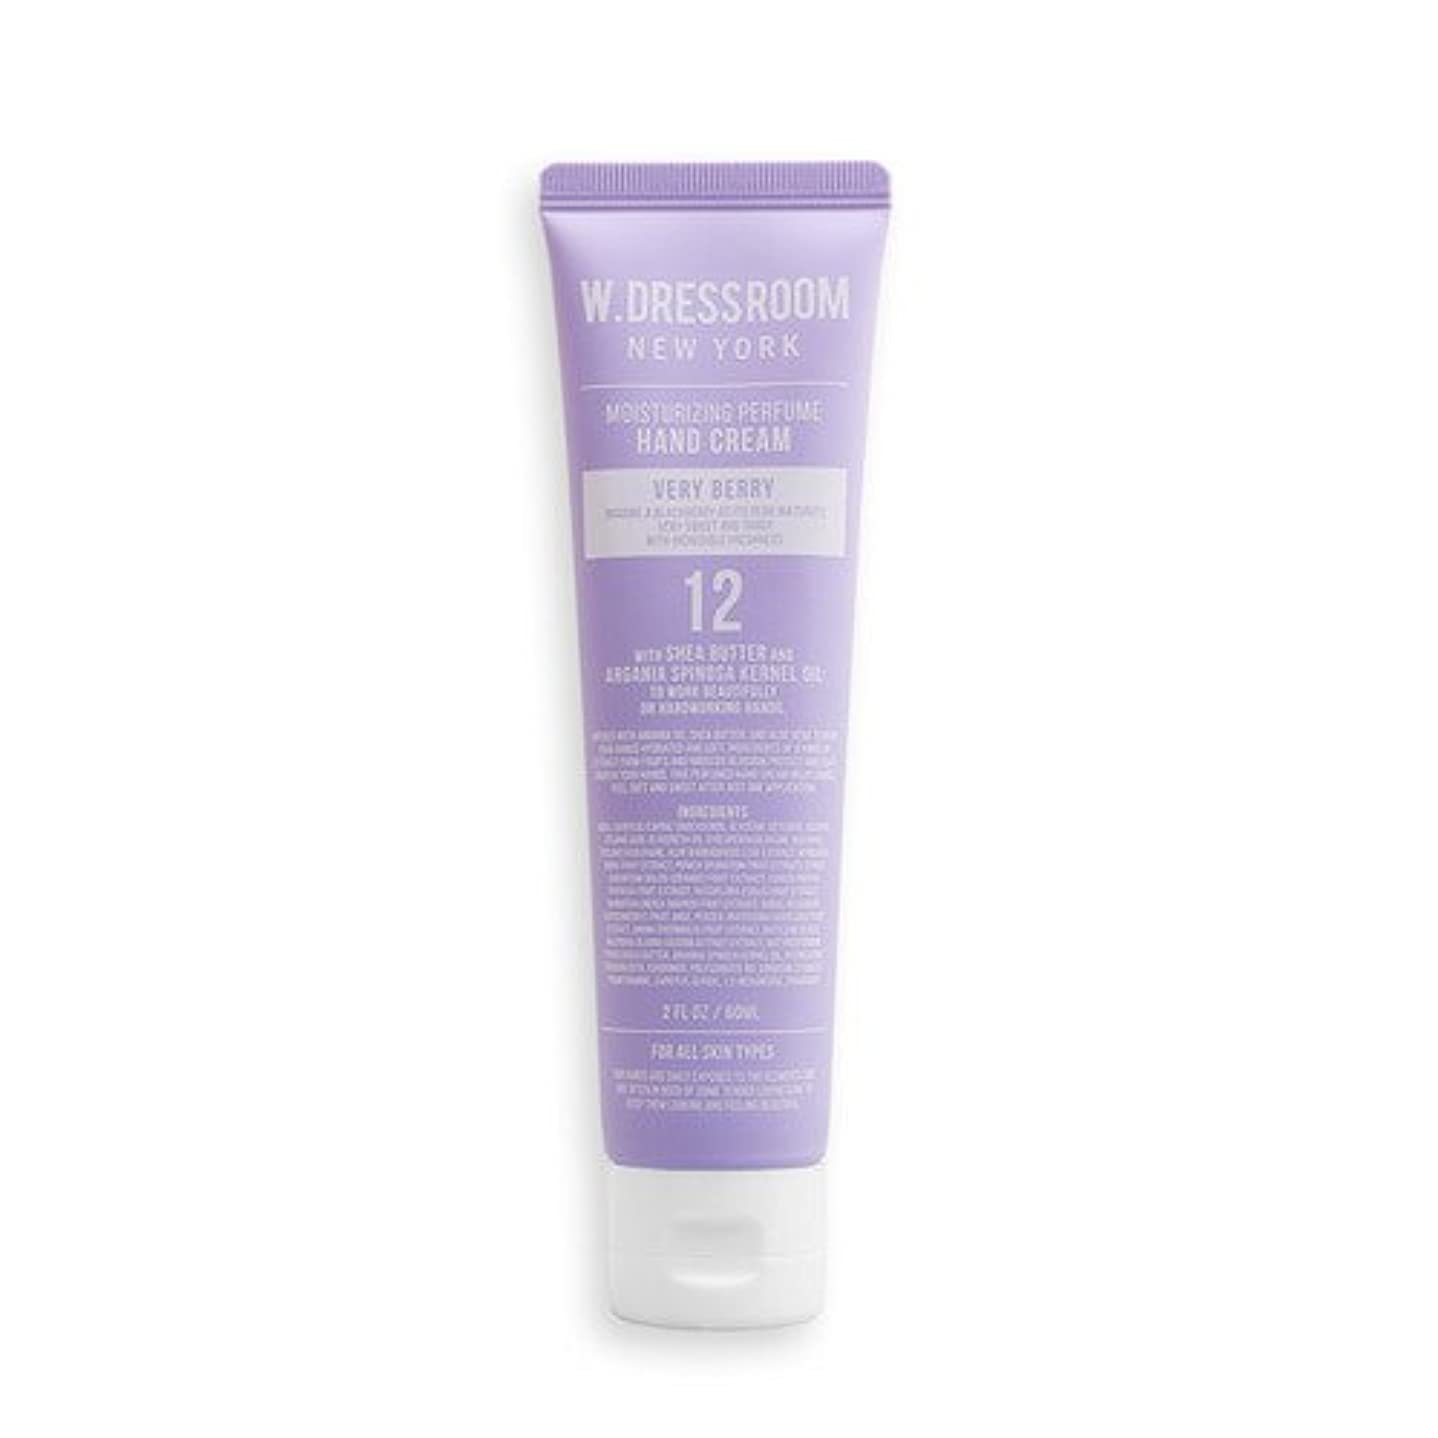 考える極端な一貫したW.DRESSROOM Moisturizing Perfume Hand Cream 60ml/ダブルドレスルーム モイスチャライジング パフューム ハンドクリーム 60ml (#No.12 Very Berry) [並行輸入品]